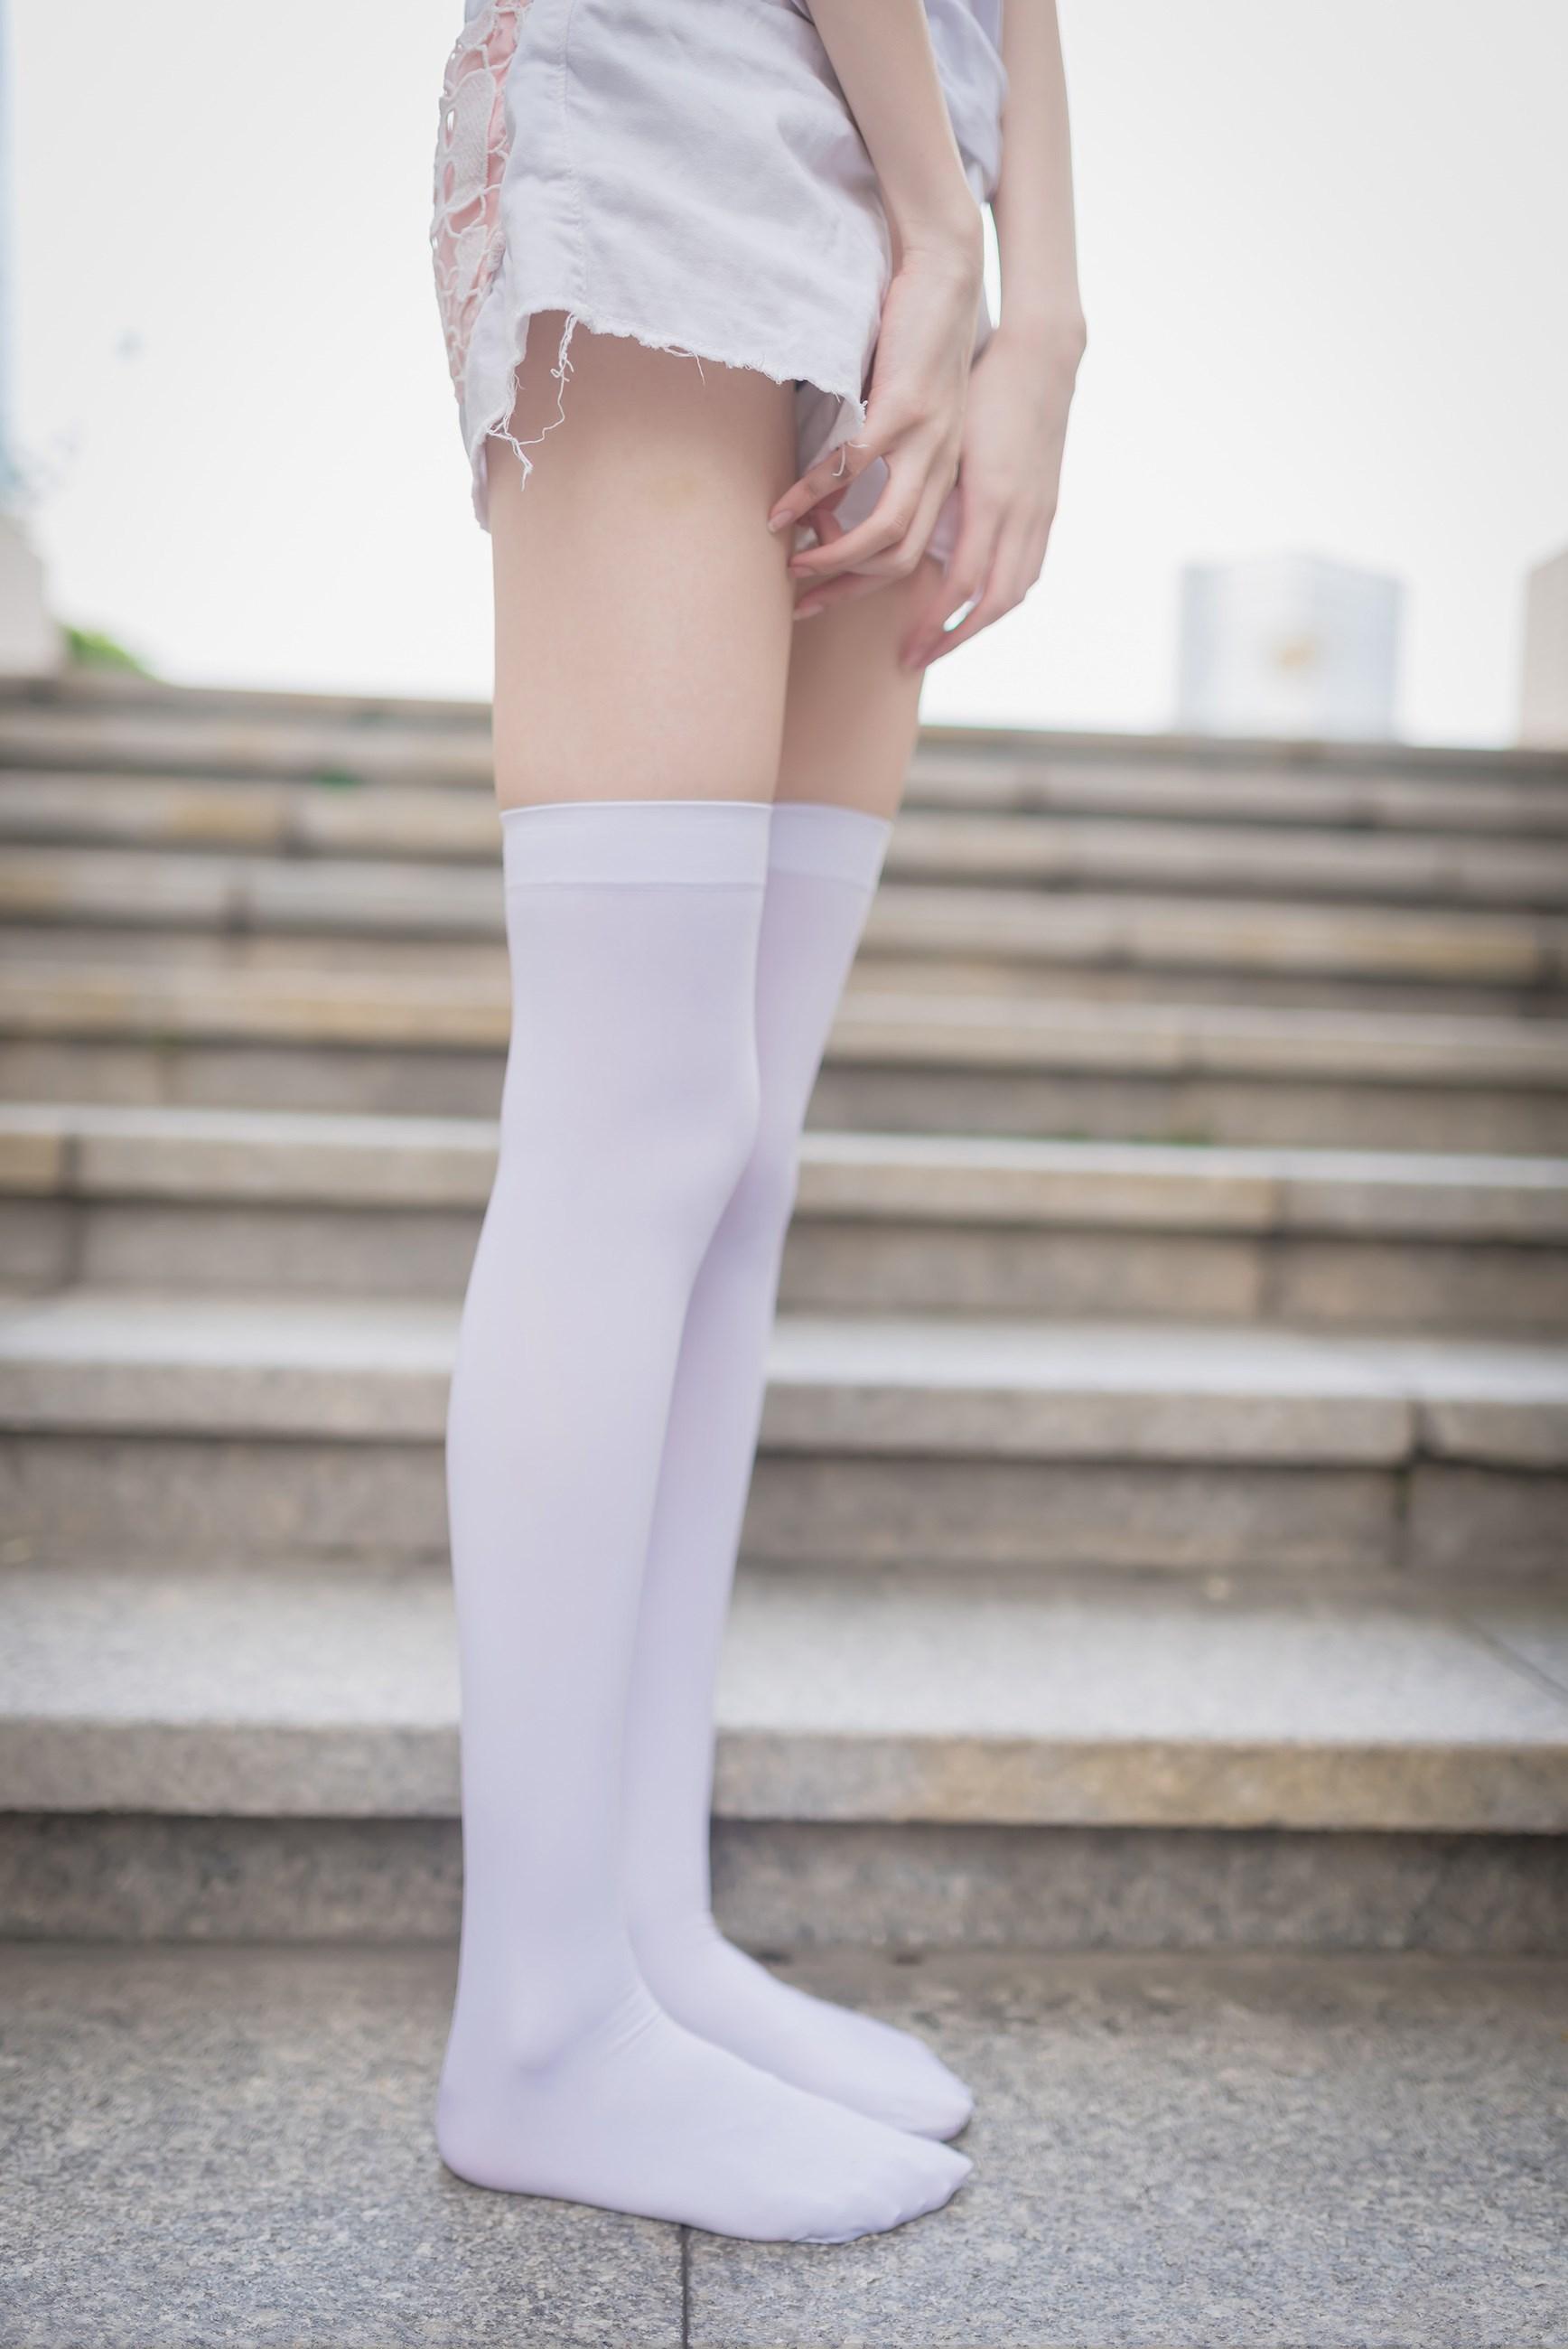 【兔玩映画】白丝过膝袜 兔玩映画 第24张